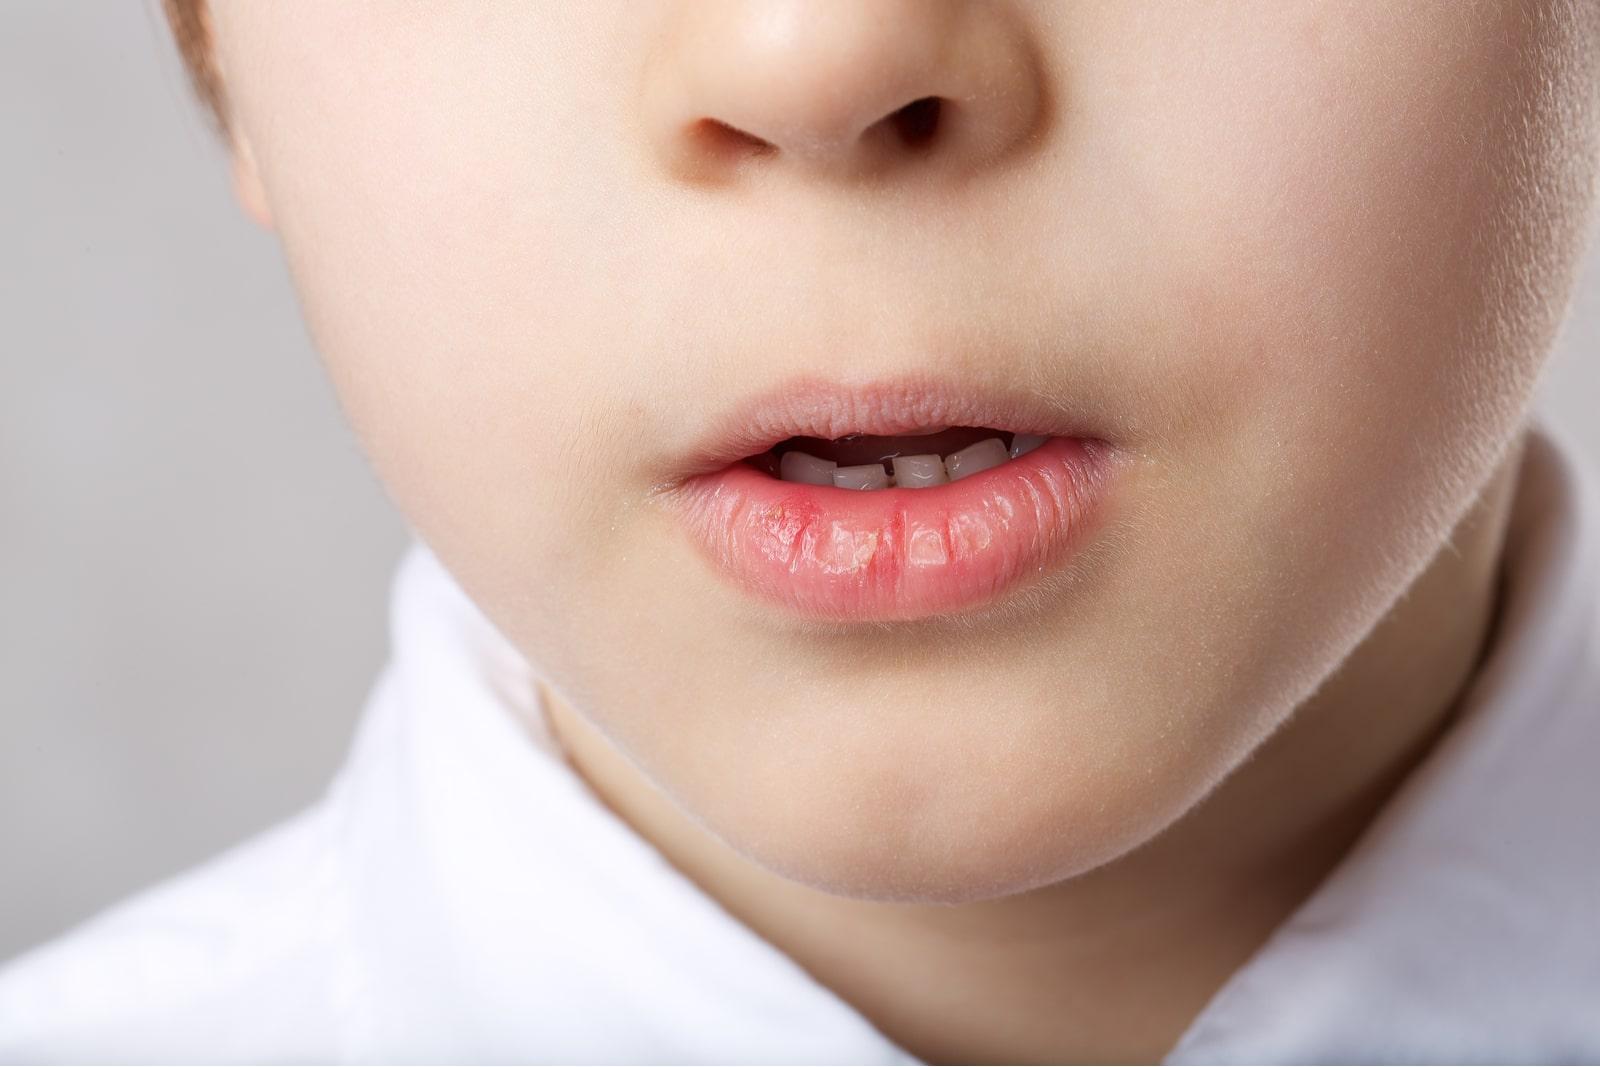 dziecko oddycha przez usta